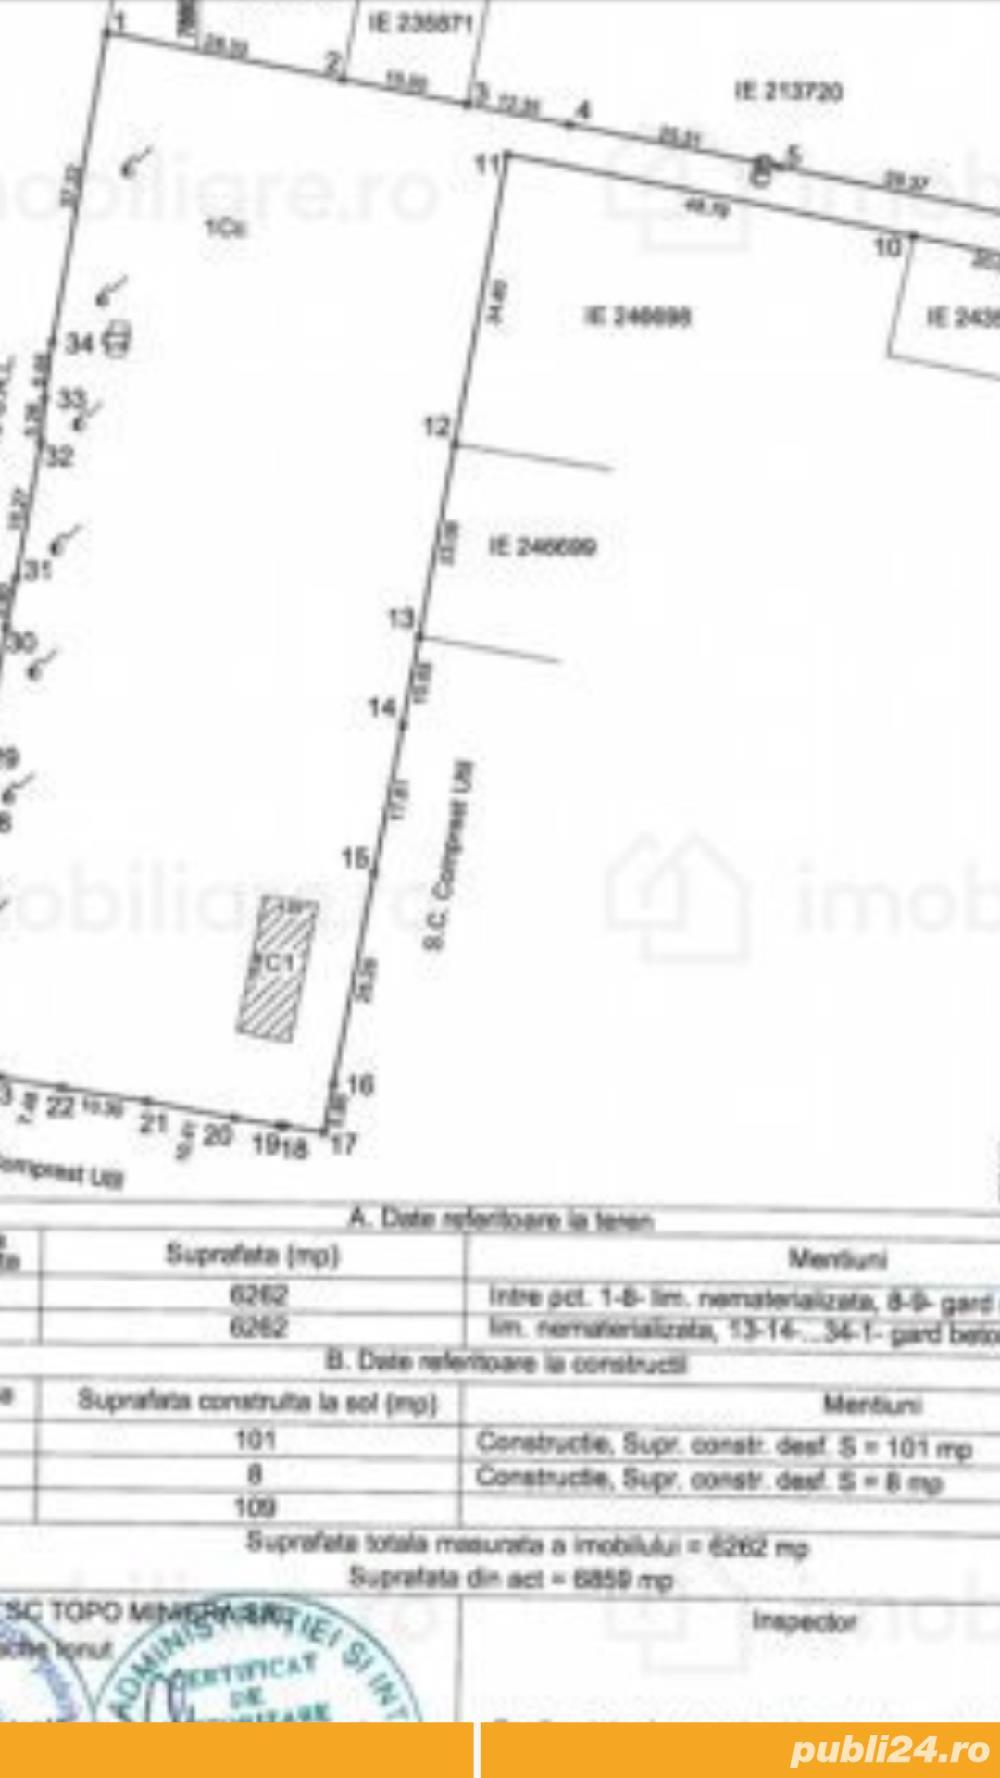 Teren zona intrioara2 6262mp ideal constructie hala